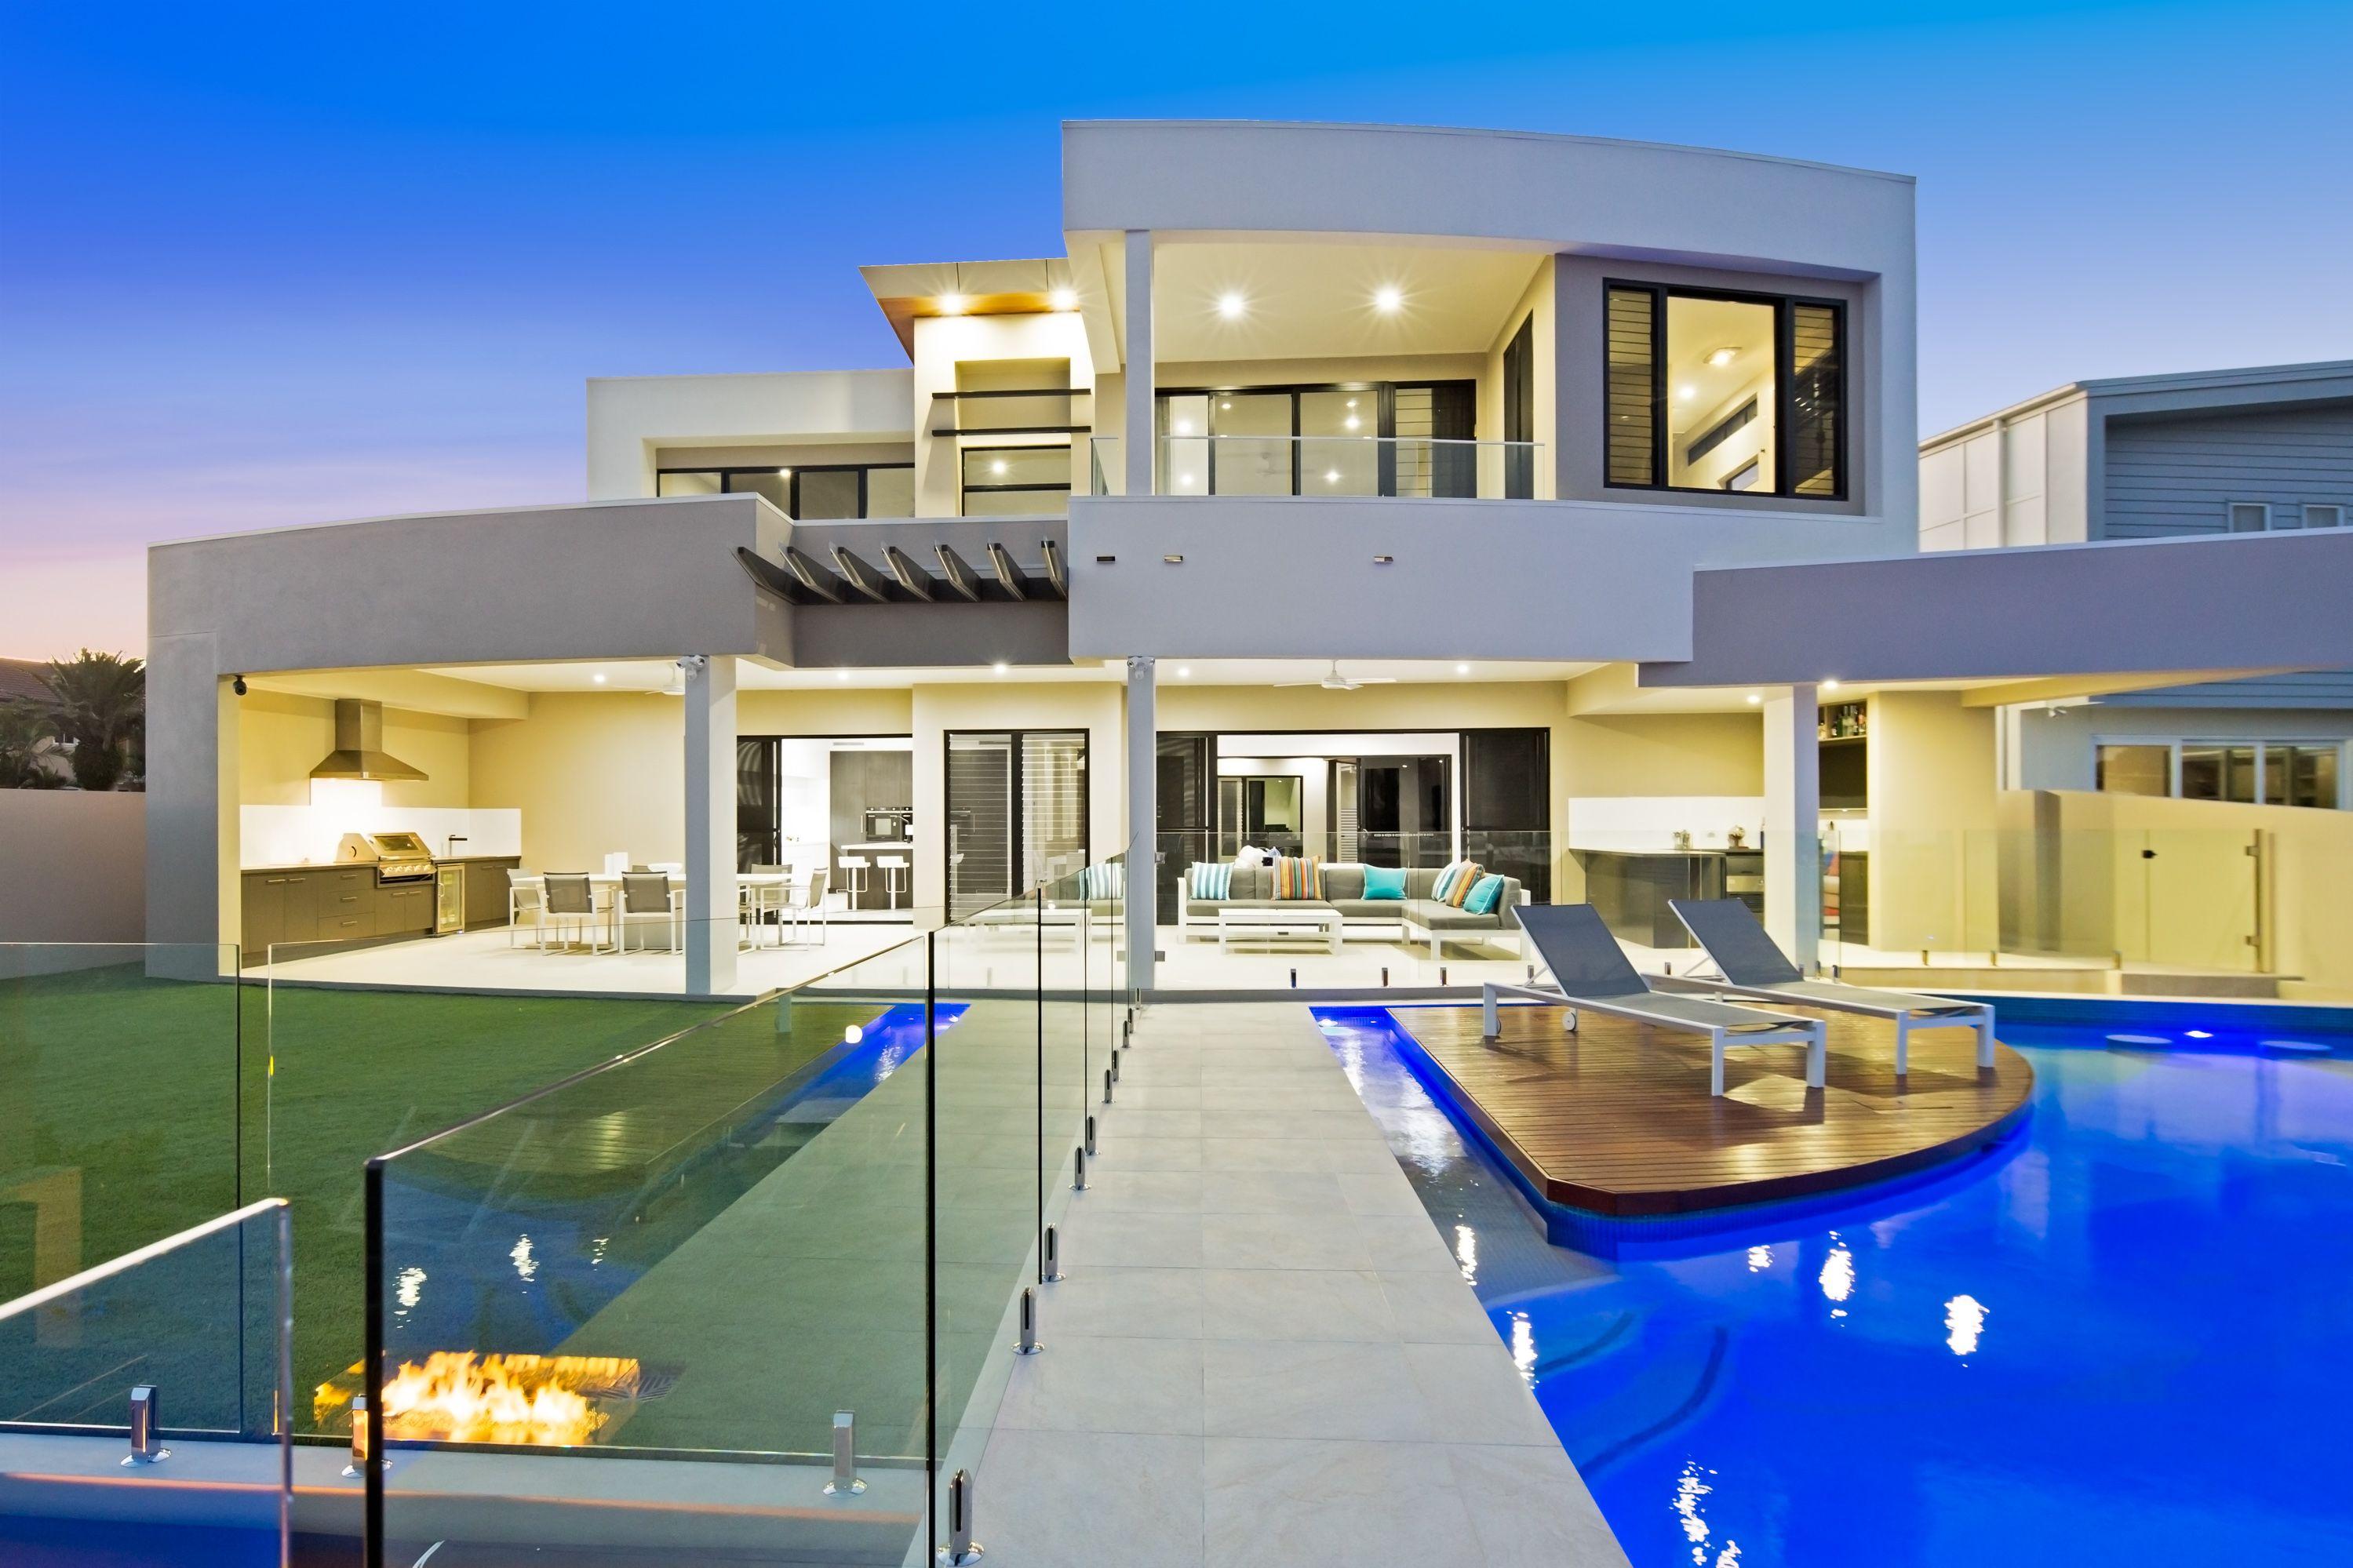 brisbane building designer the most innovative building designers